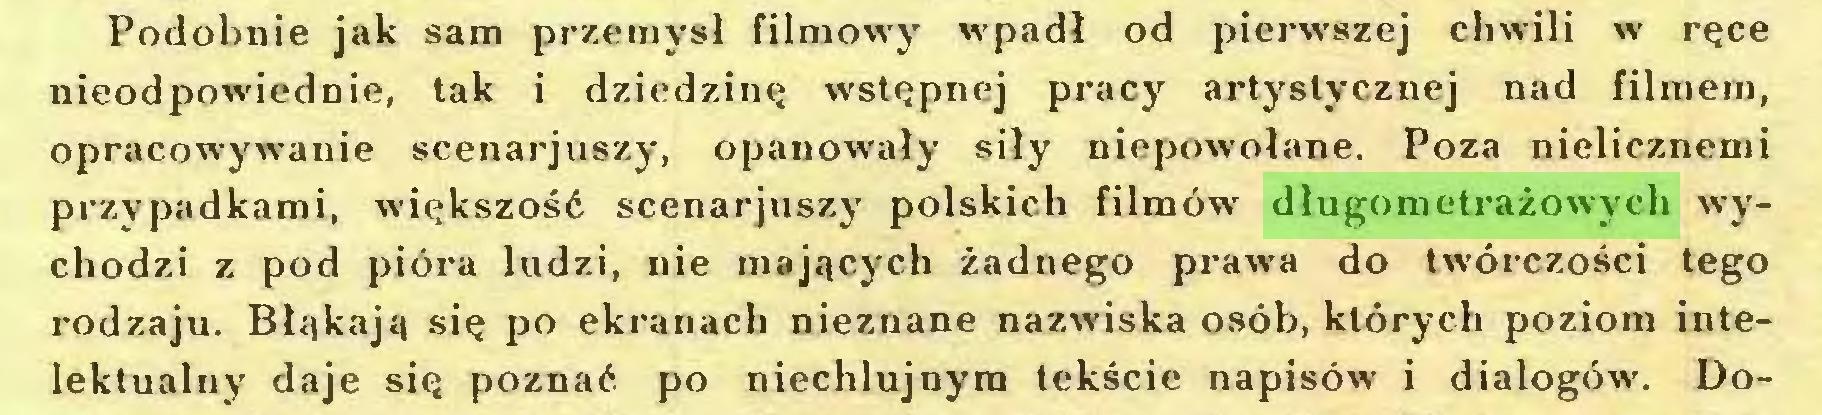 (...) Podobnie jak sam przemysł filmowy wpadł od pierwszej chwili w ręce nieodpowiednie, tak i dziedzinę wstępnej pracy artystycznej nad filmem, opracowywanie scenarjuszy, opanowały siły niepowołane. Poza nielicznemi przypadkami, większość scenarjuszy polskich filmów długometrażowych wychodzi z pod pióra ludzi, nie mających żadnego prawa do twórczości tego rodzaju. Błąkają się po ekranach nieznane nazwiska osób, których poziom intelektualny daje się poznać po niechlujnym tekście napisów i dialogów. Do...